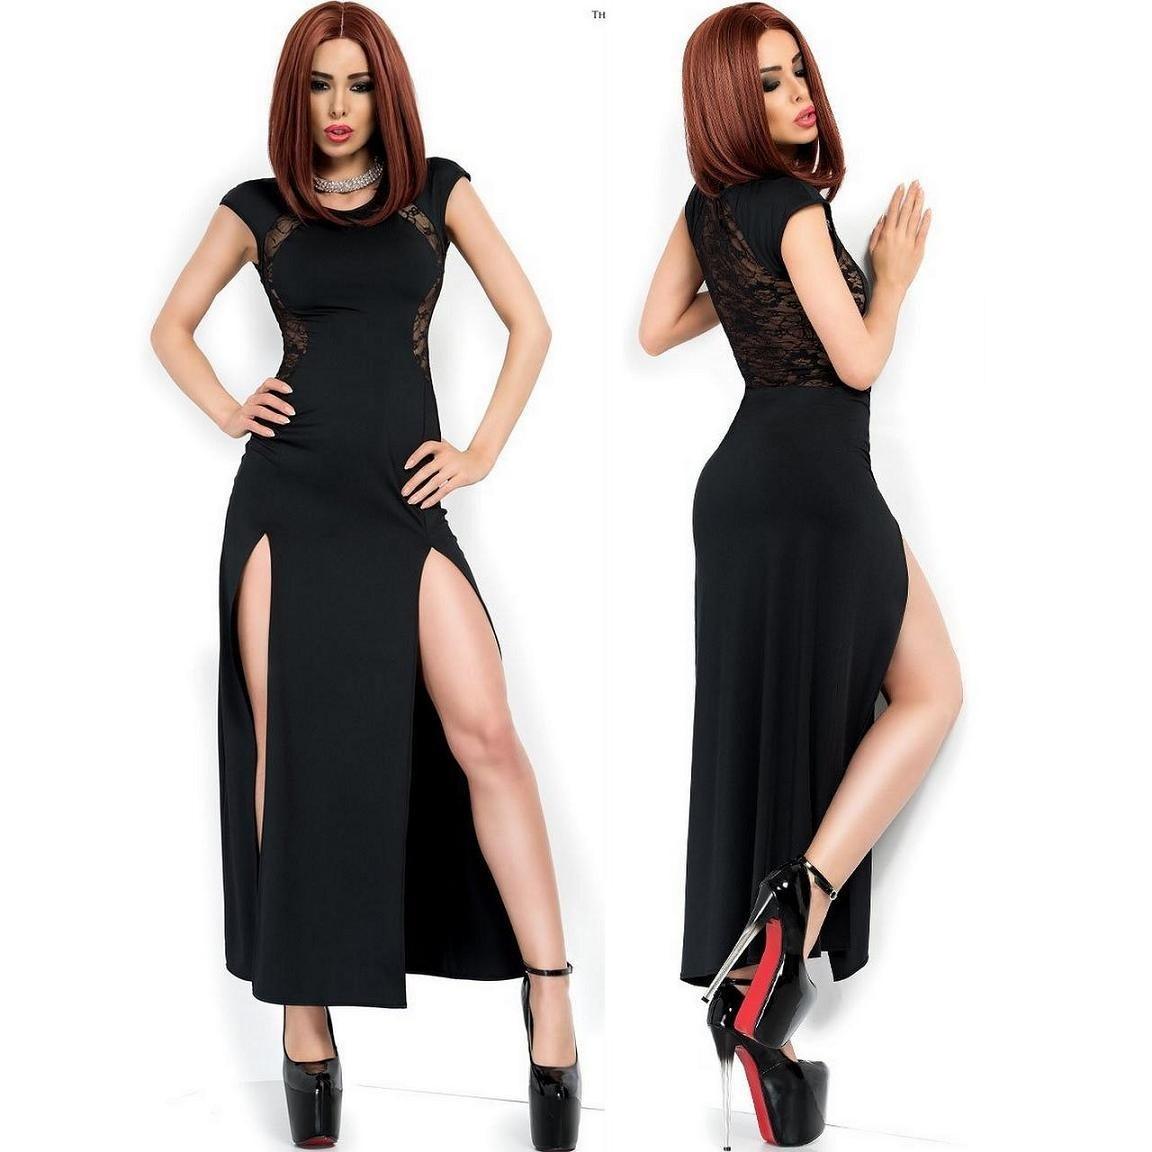 Formal Wunderbar Schwarzes Kleid Spitze Galerie17 Elegant Schwarzes Kleid Spitze für 2019